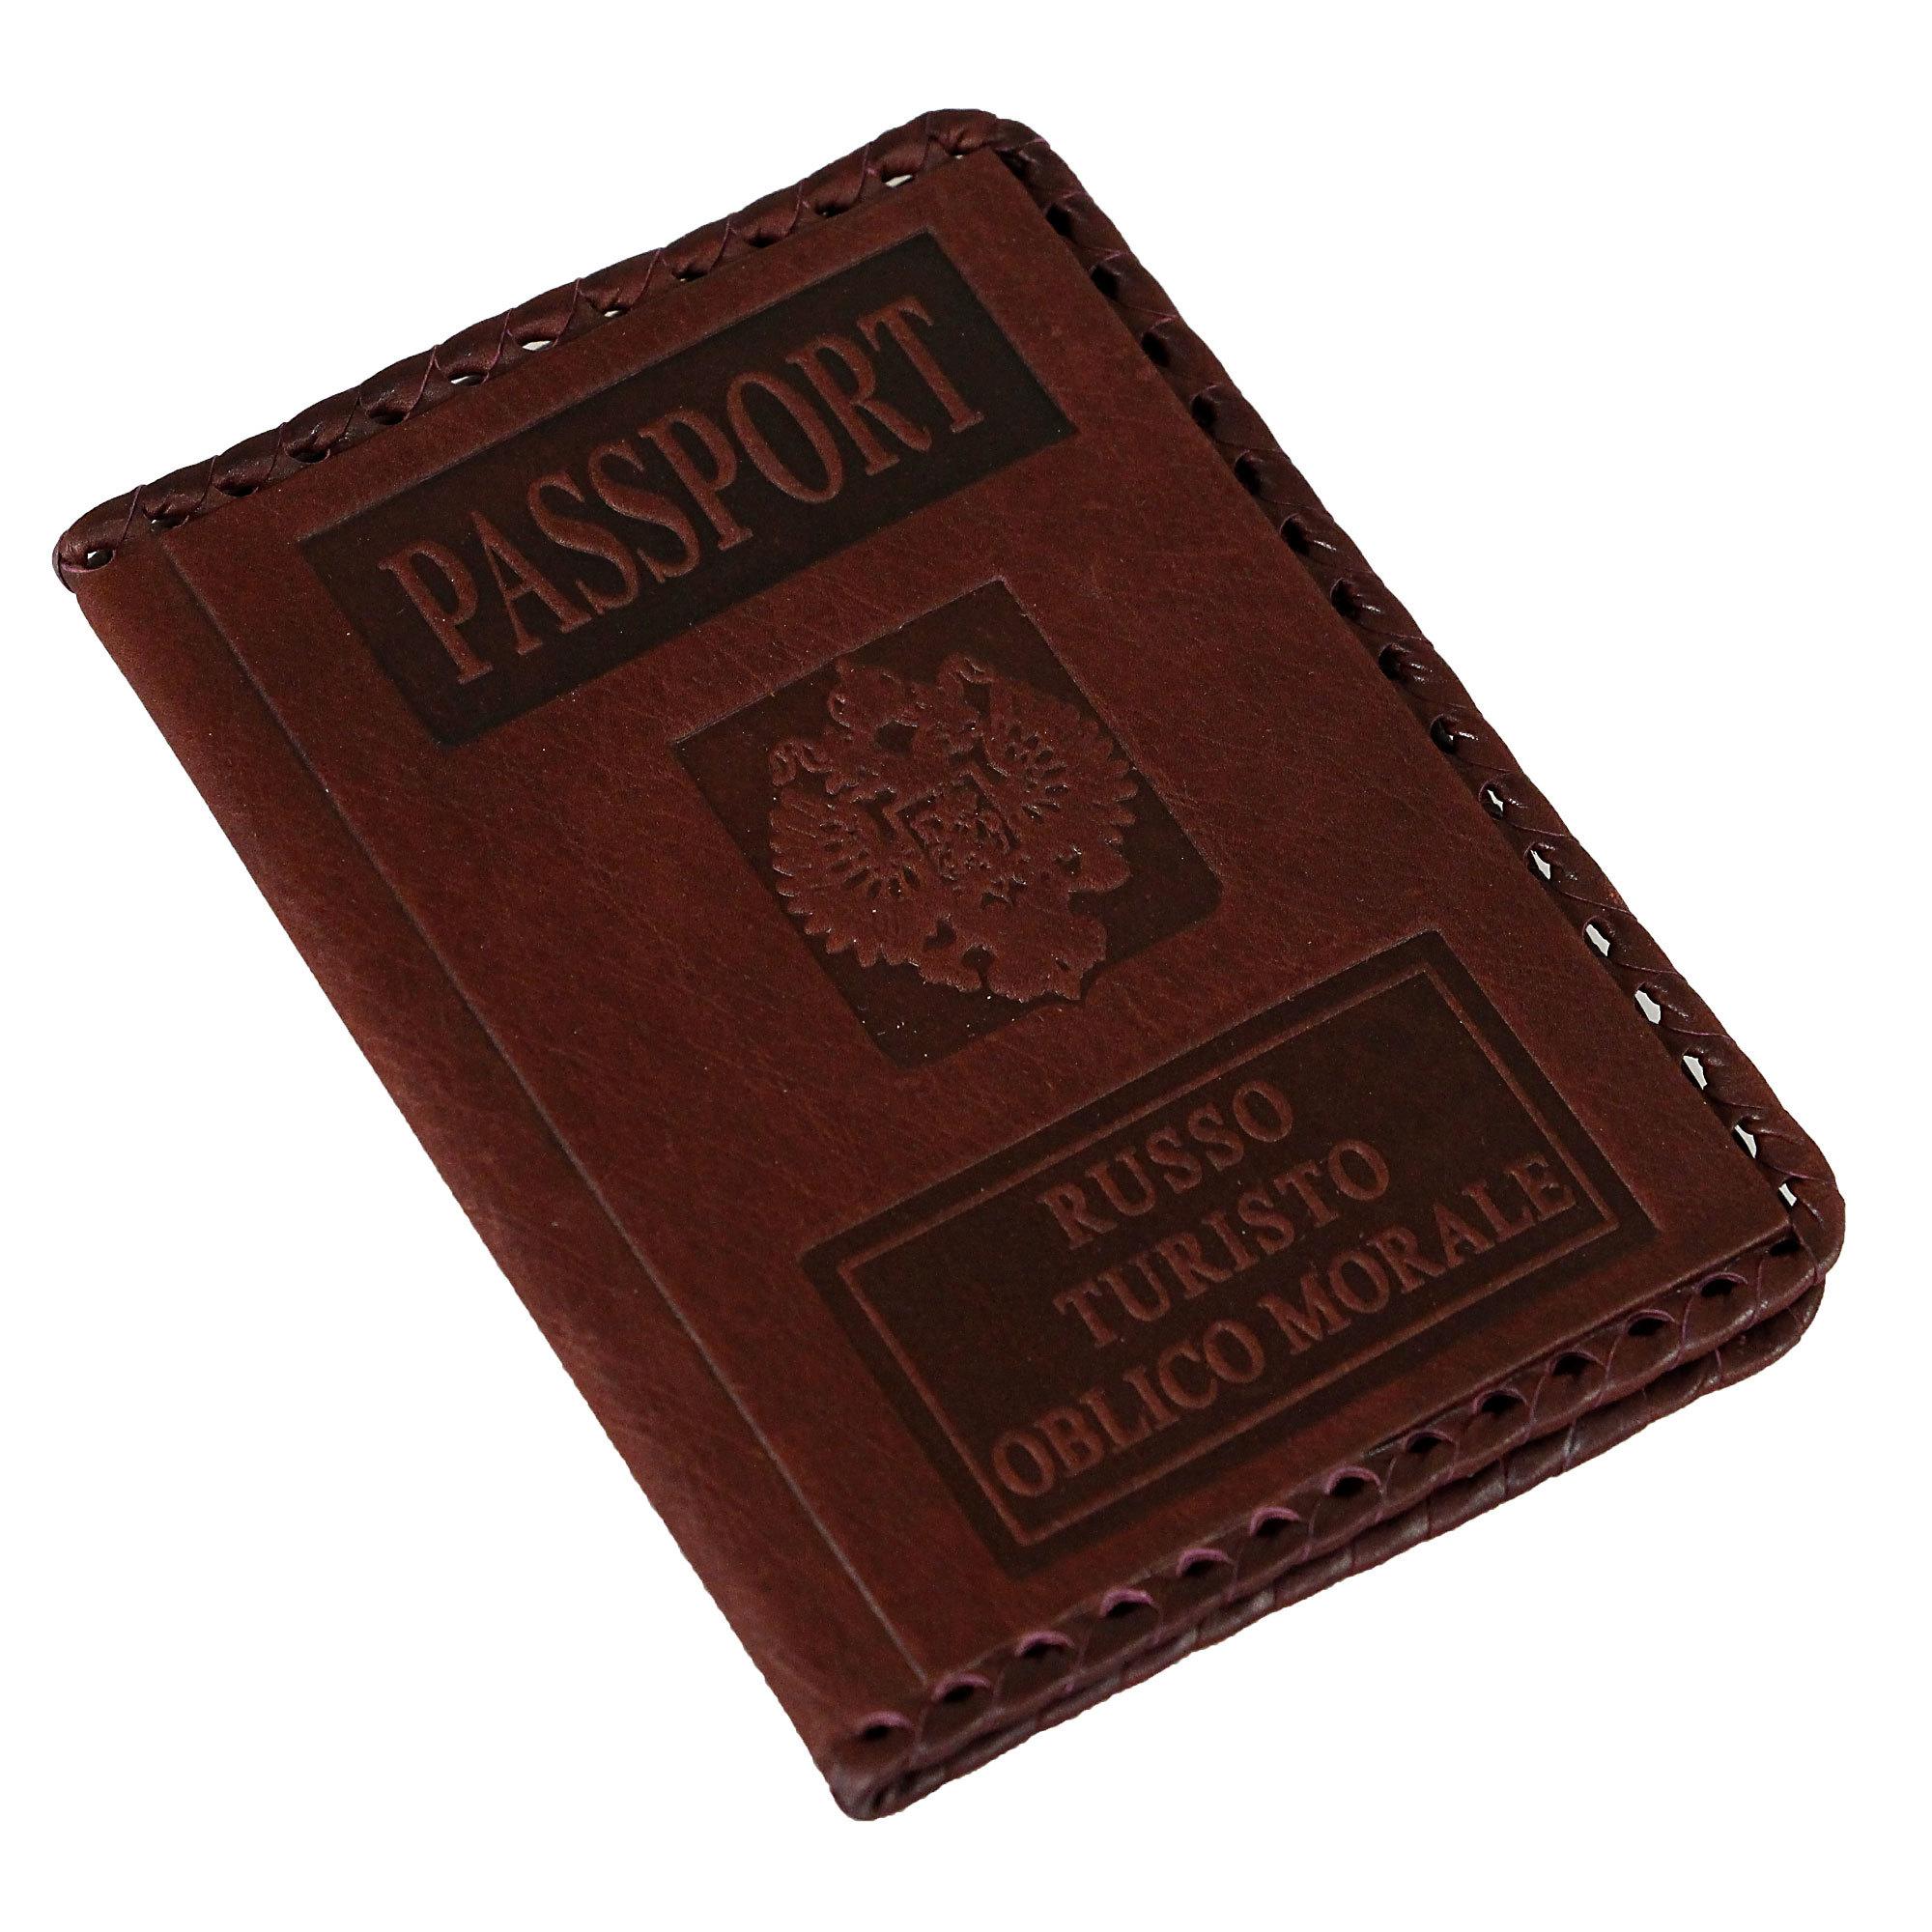 Обложка для паспорта «Руссо туристо»